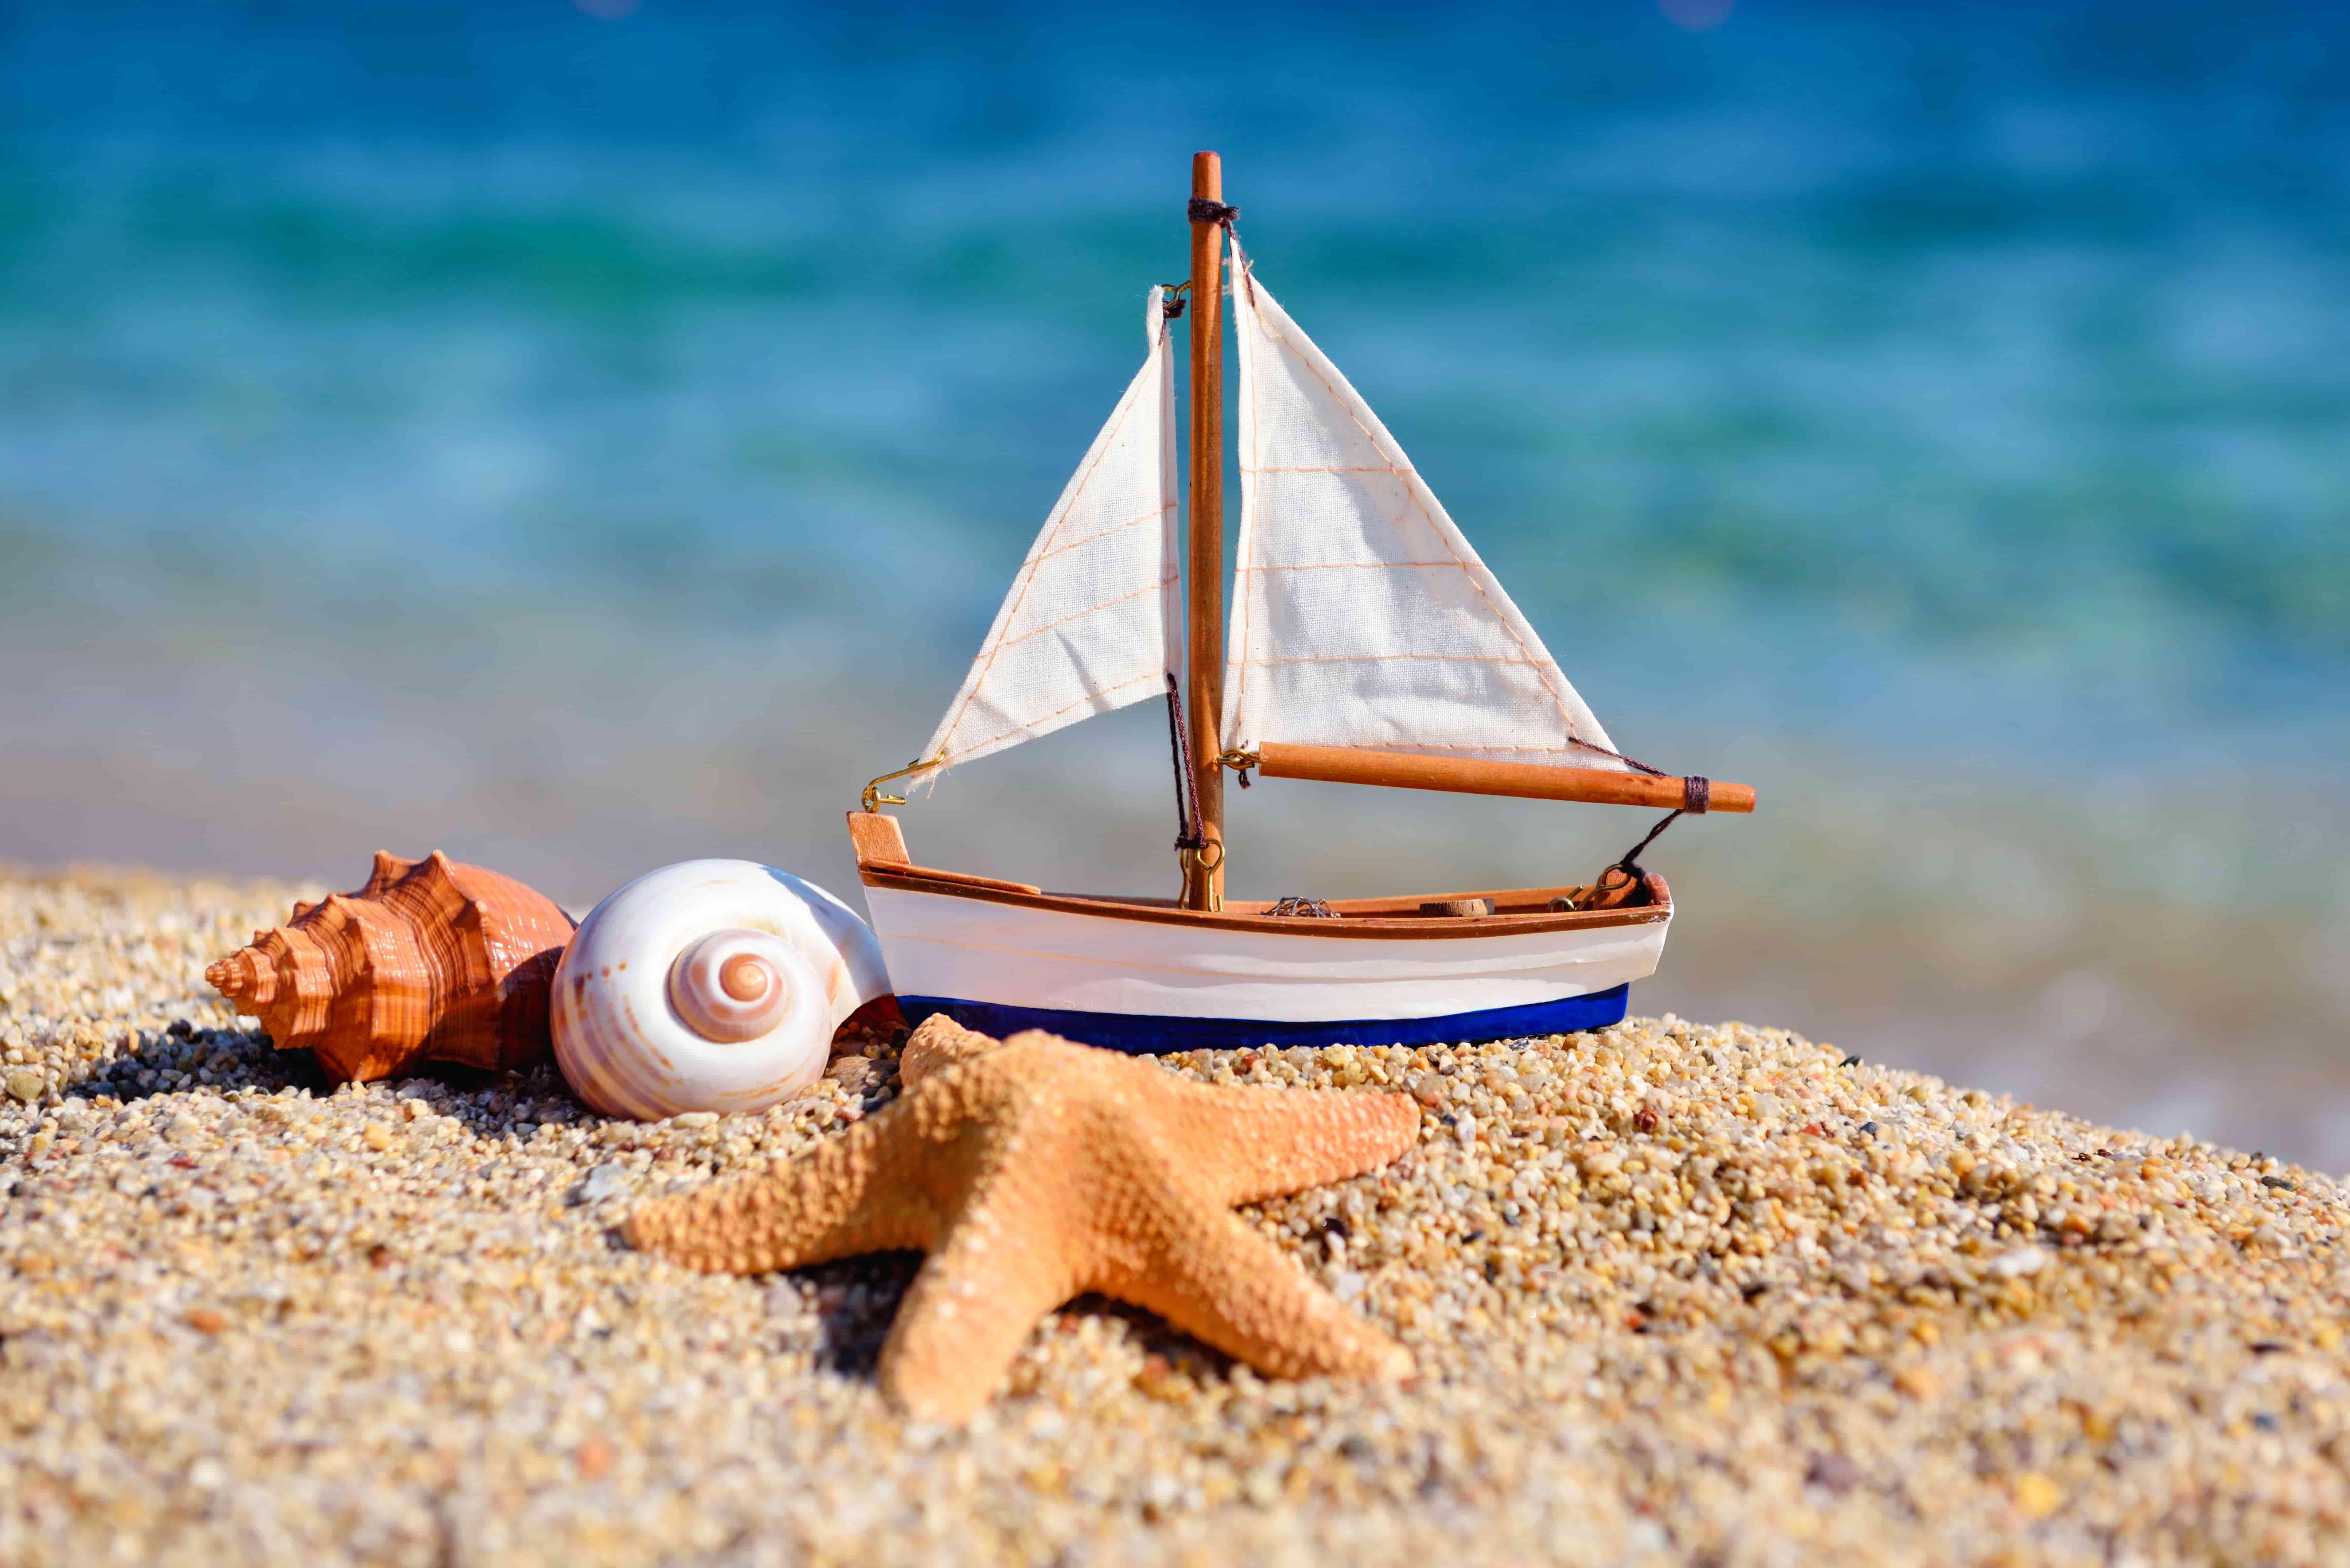 Ce optiuni ai pentru o plimbare cu vaporasul pe Marea Neagra?